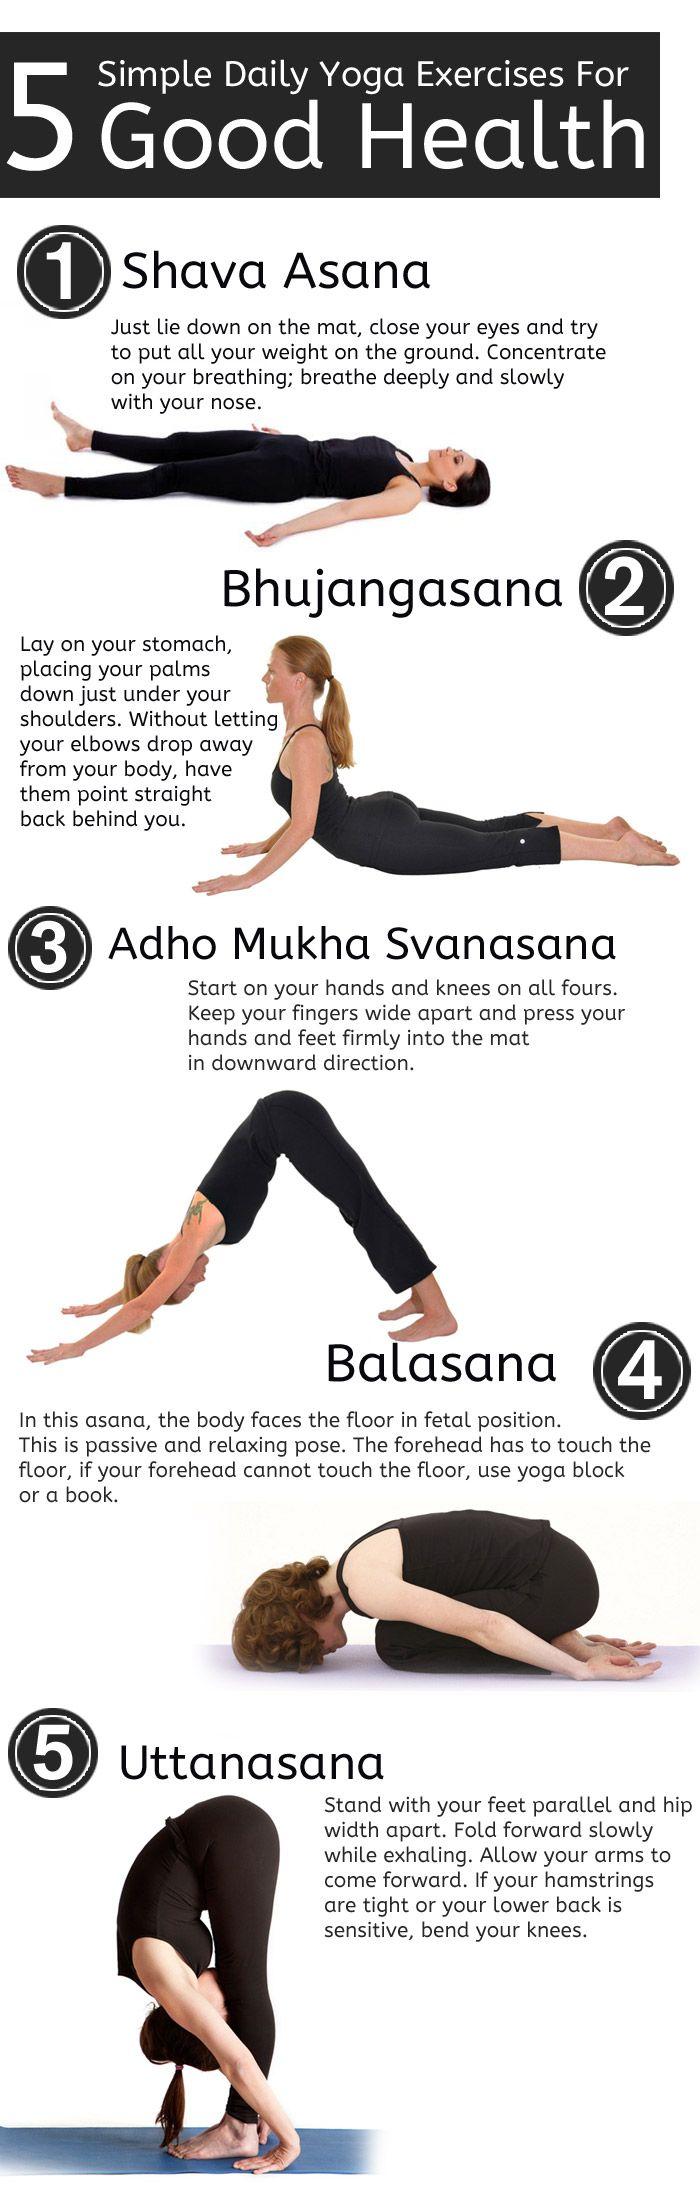 exercice du yoga 5 exercices quotidiens simples de yoga pour une bonne sant virtual. Black Bedroom Furniture Sets. Home Design Ideas